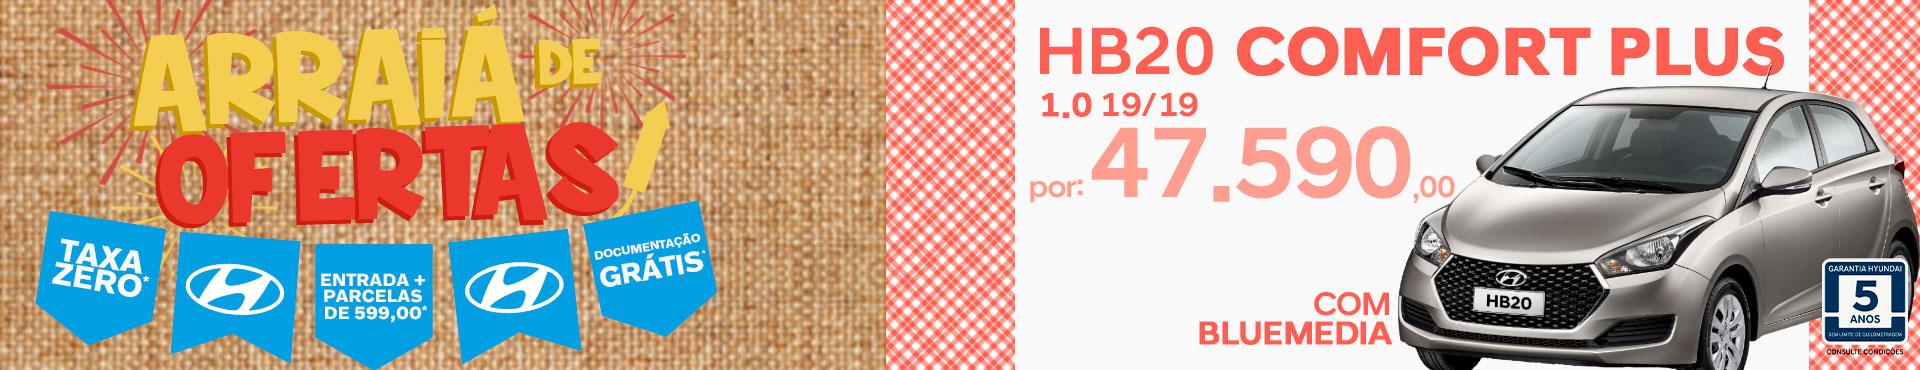 HB20 Comfort Plus c/ blueMedia